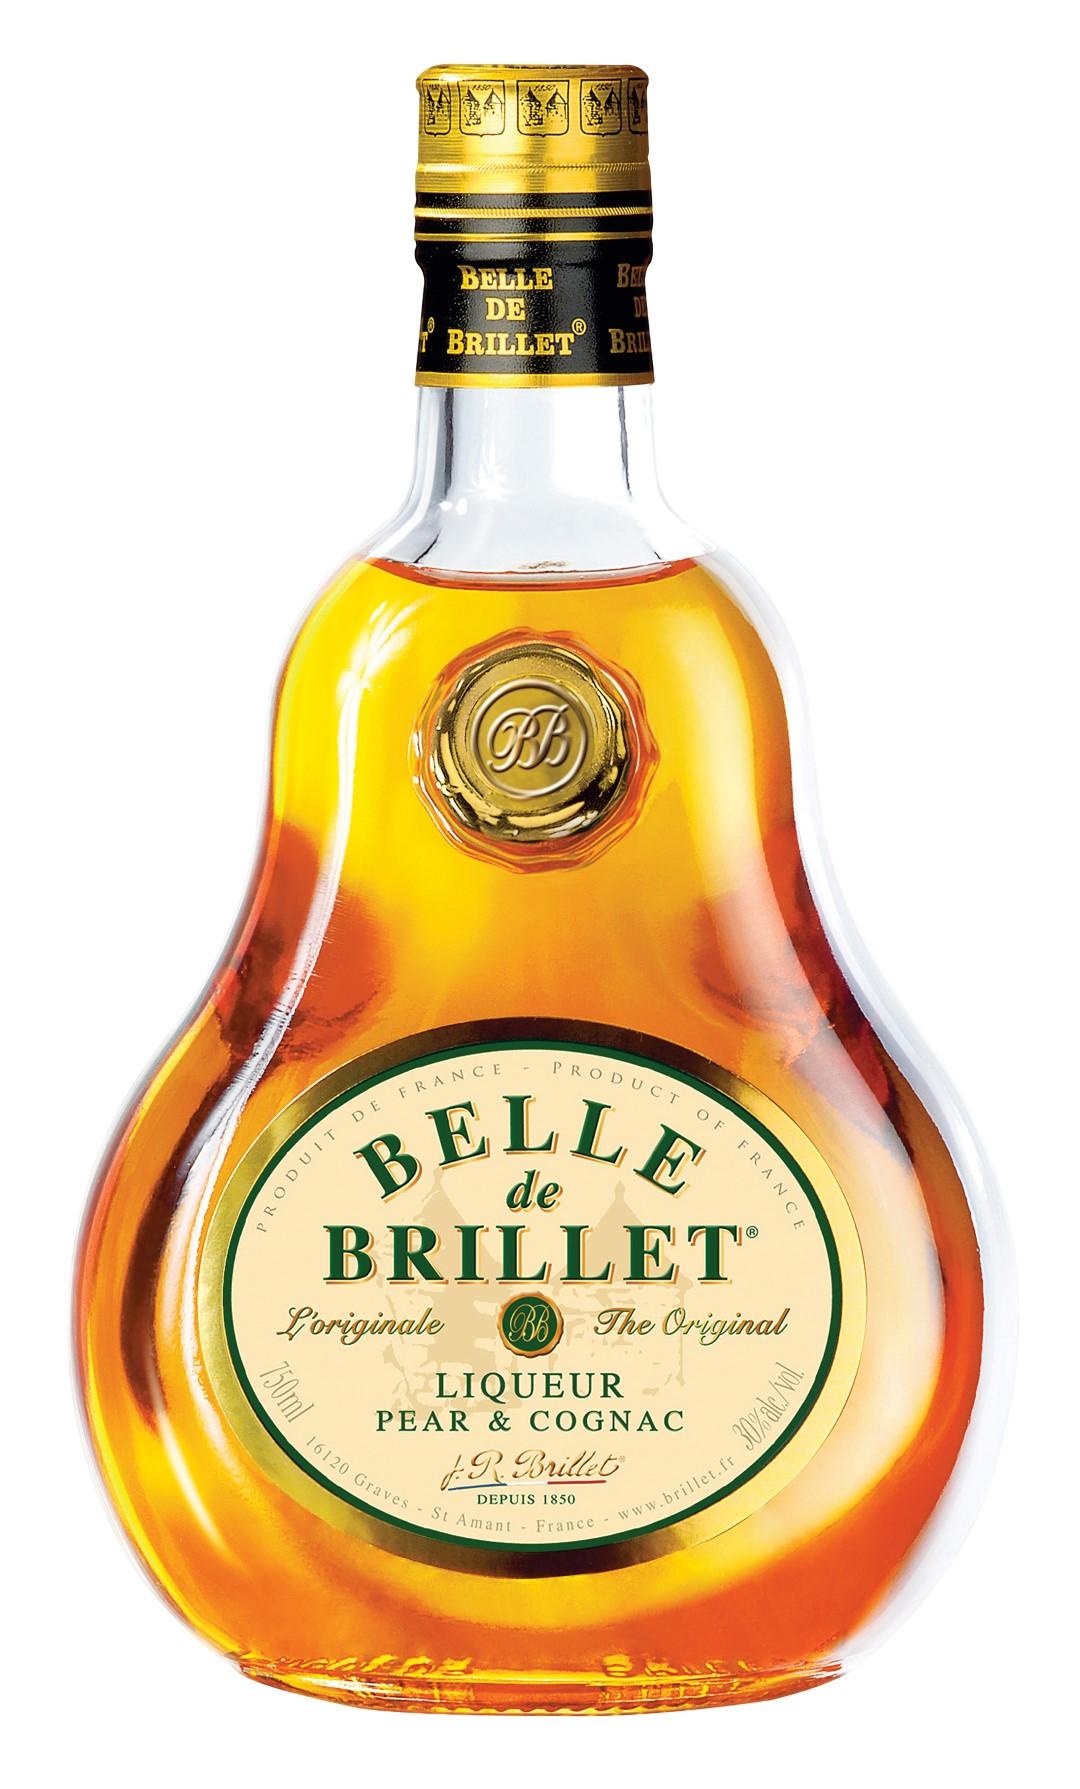 Belle de Brillet Pear & Cognac Liqueur (2018)